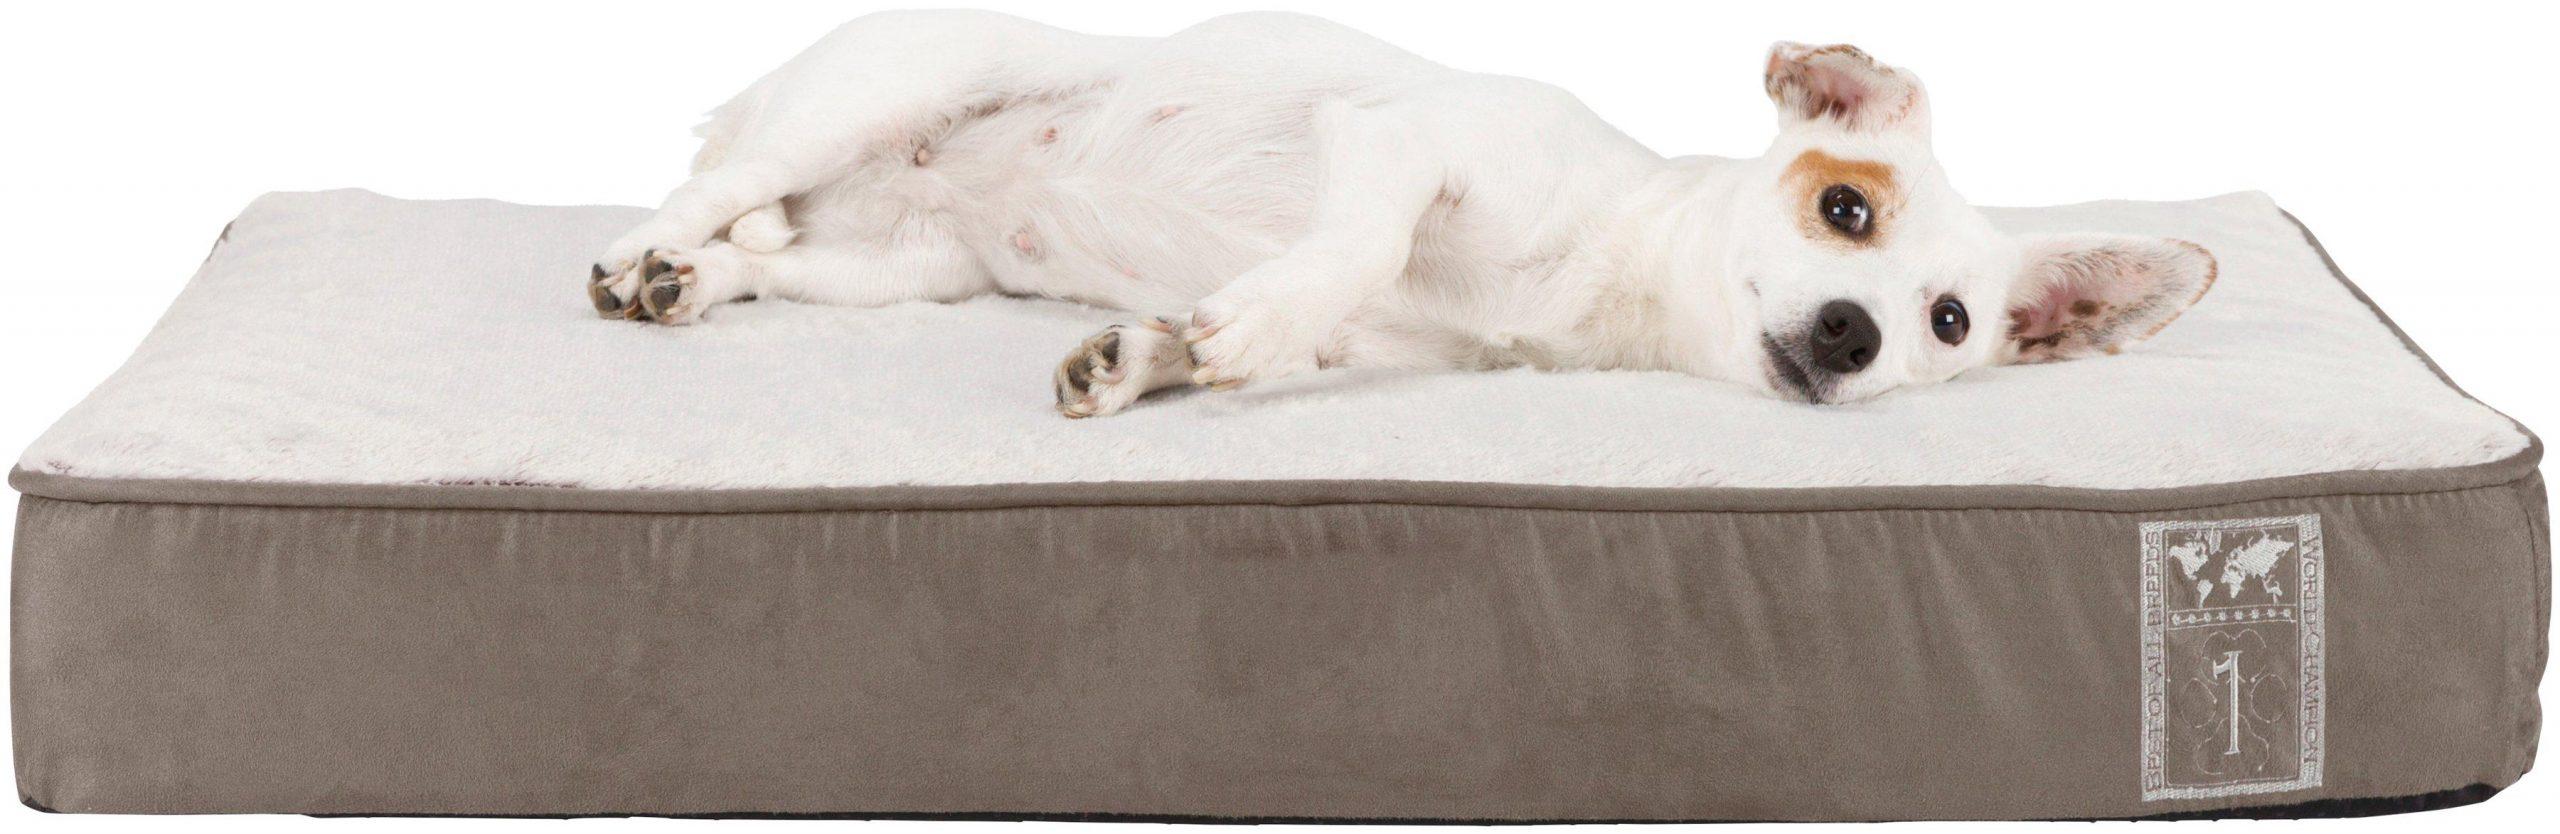 Full Size of Hunde Bett Hundebett Flocke Zooplus Kaufen Wolke Holz Hundebettenmanufaktur 125 Auto 120 Cm Trixie Vital Best Of All Breeds Grau Sitzbank Kinder Hasena Bett Hunde Bett